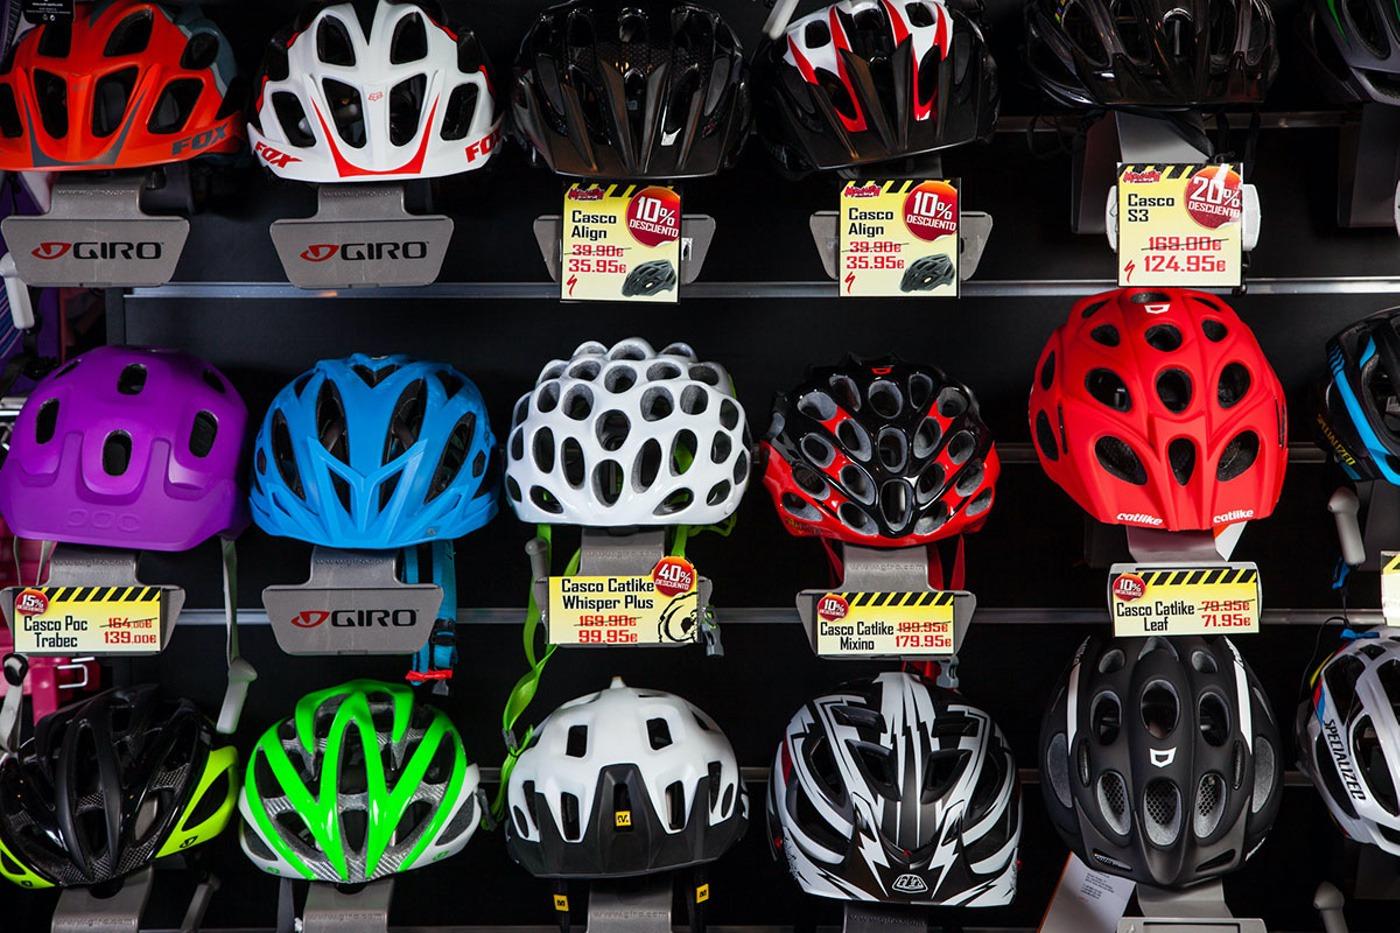 Cascos de bici en una tienda